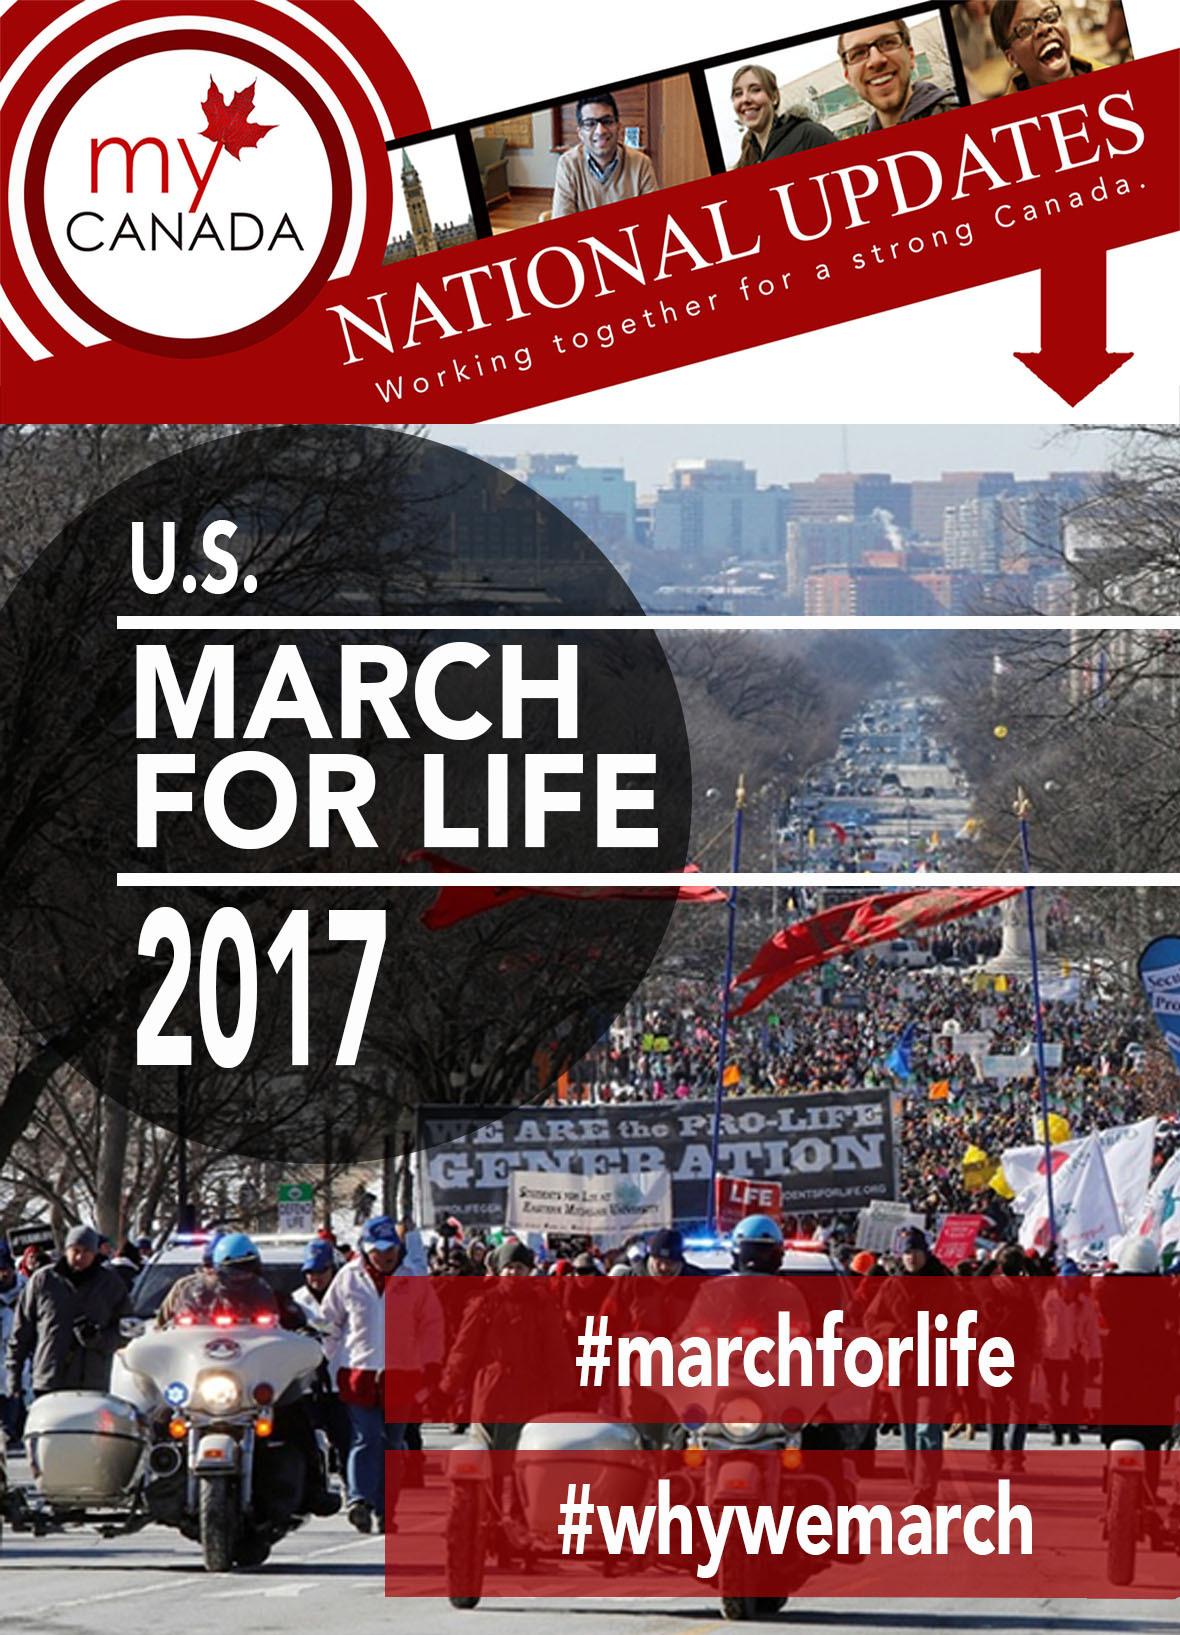 MarchforLife20172